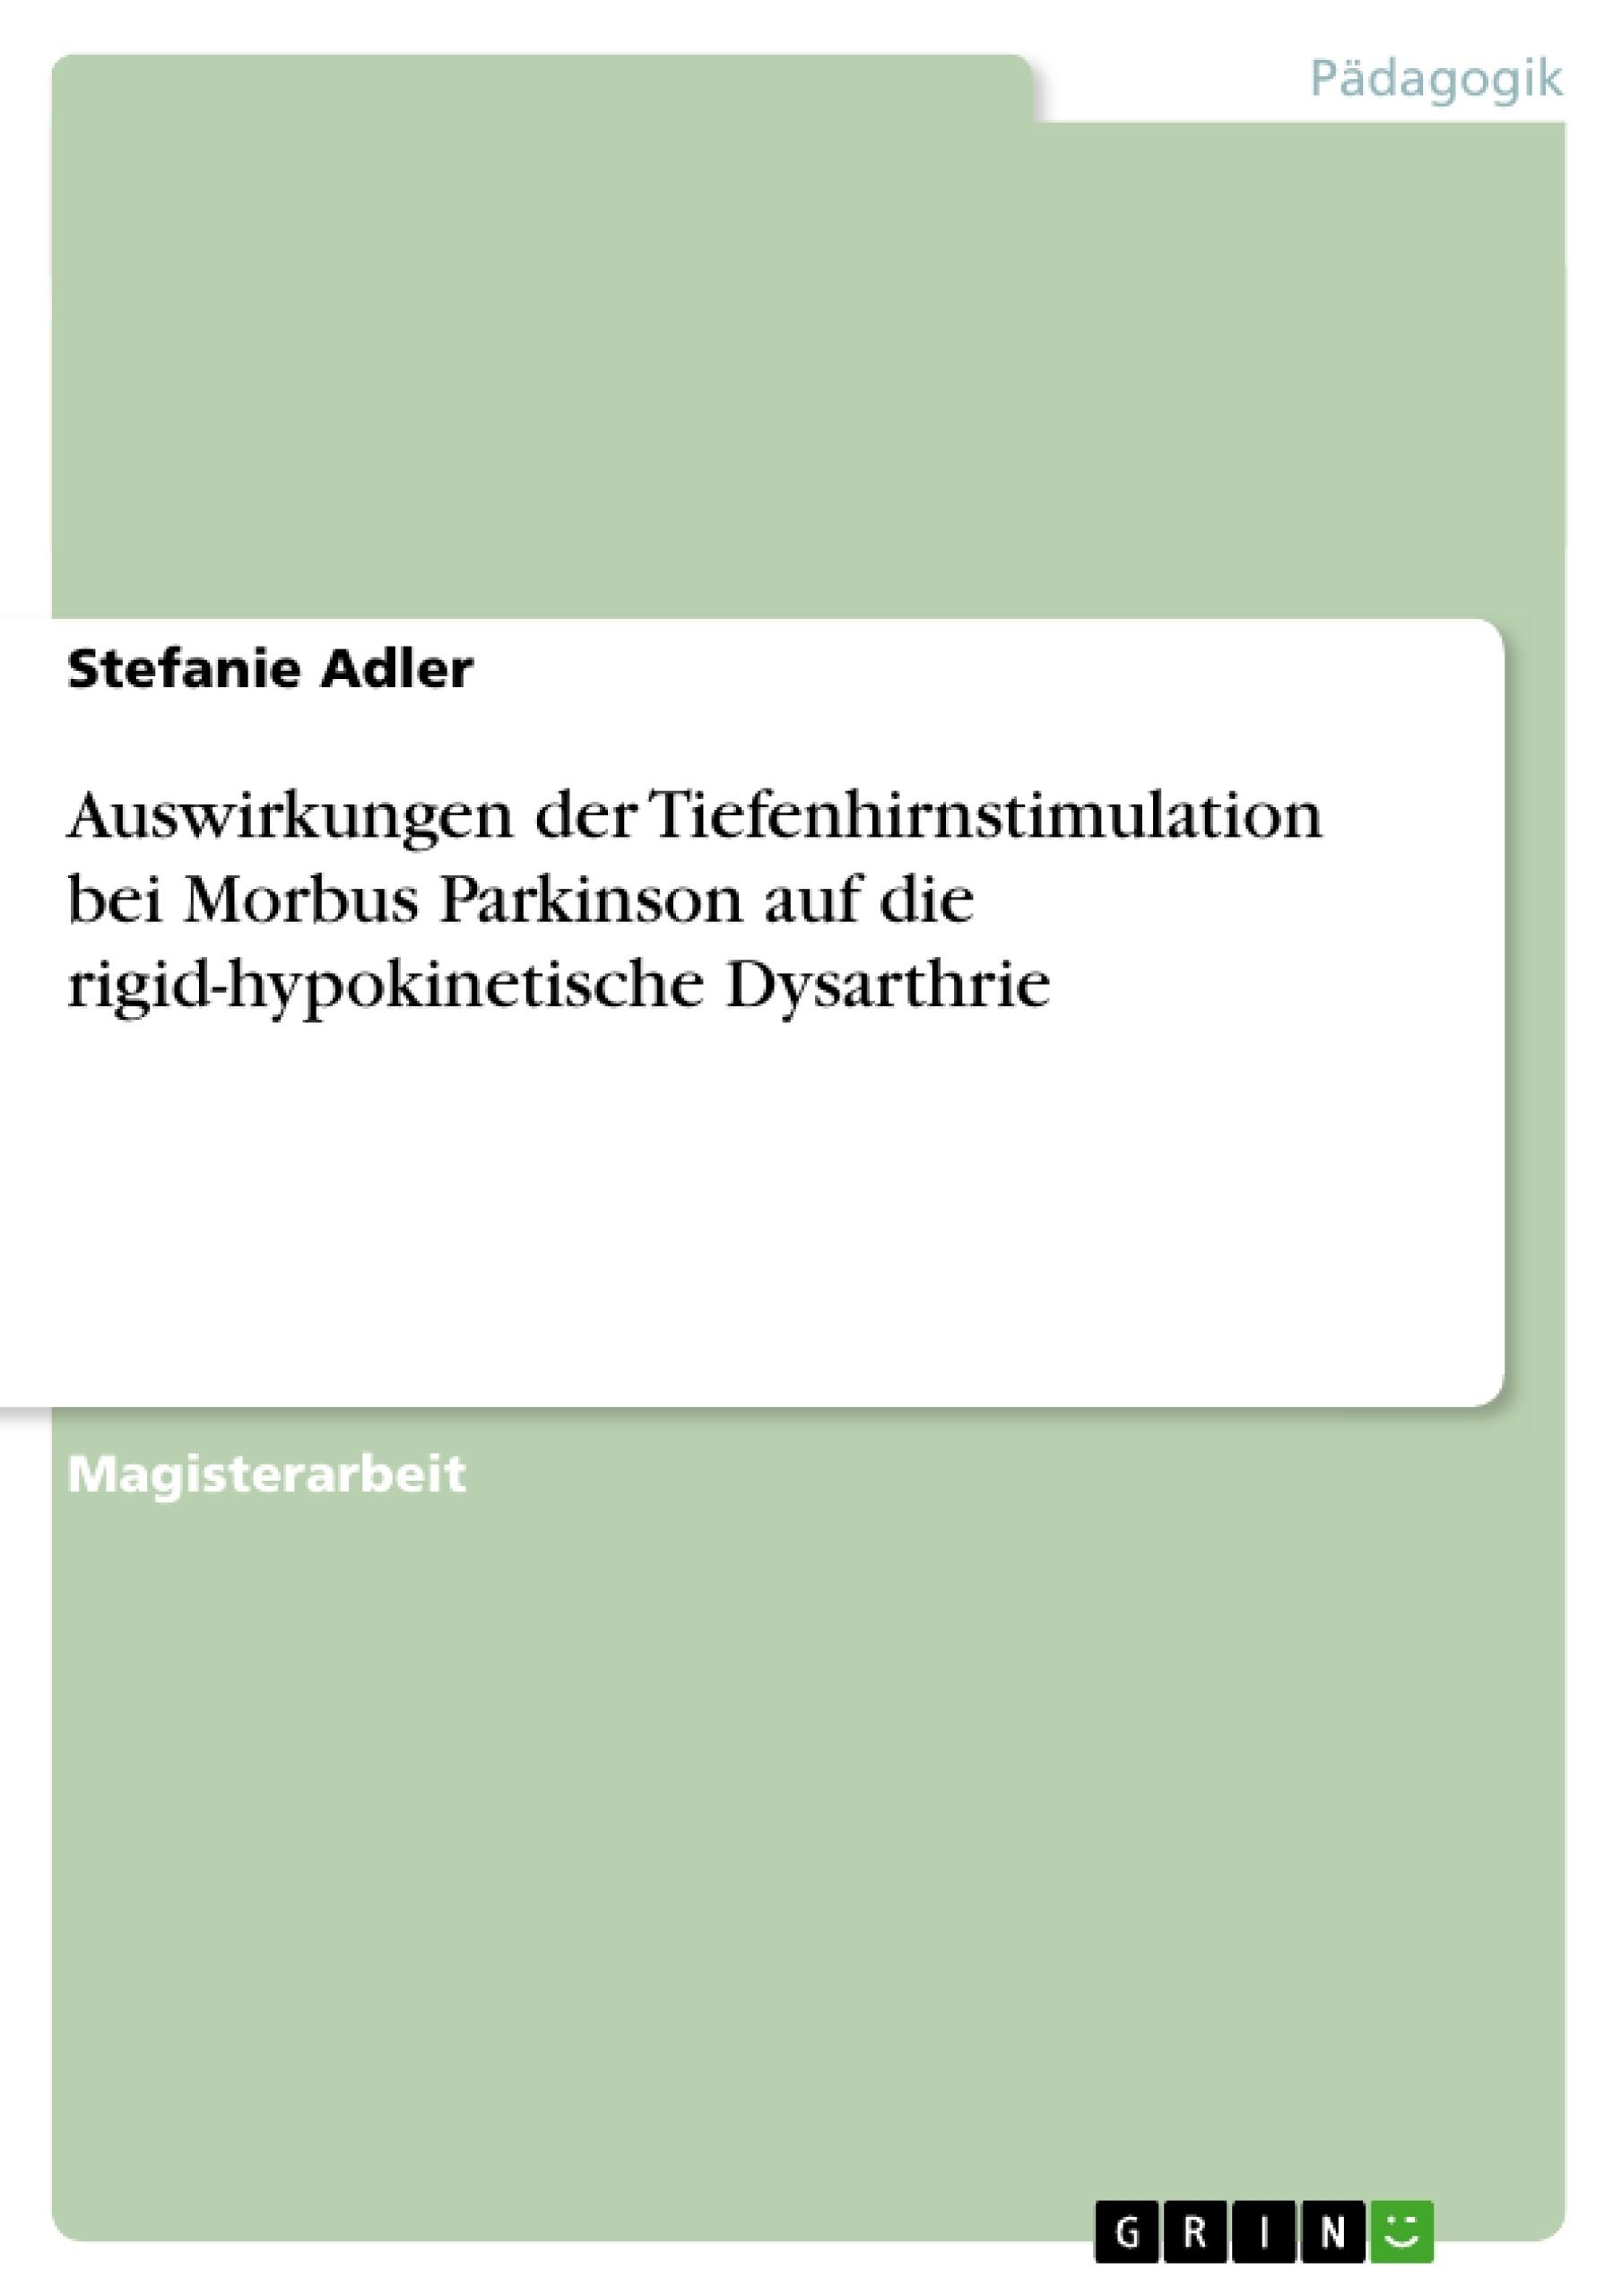 Titel: Auswirkungen der Tiefenhirnstimulation bei Morbus Parkinson auf die rigid-hypokinetische Dysarthrie